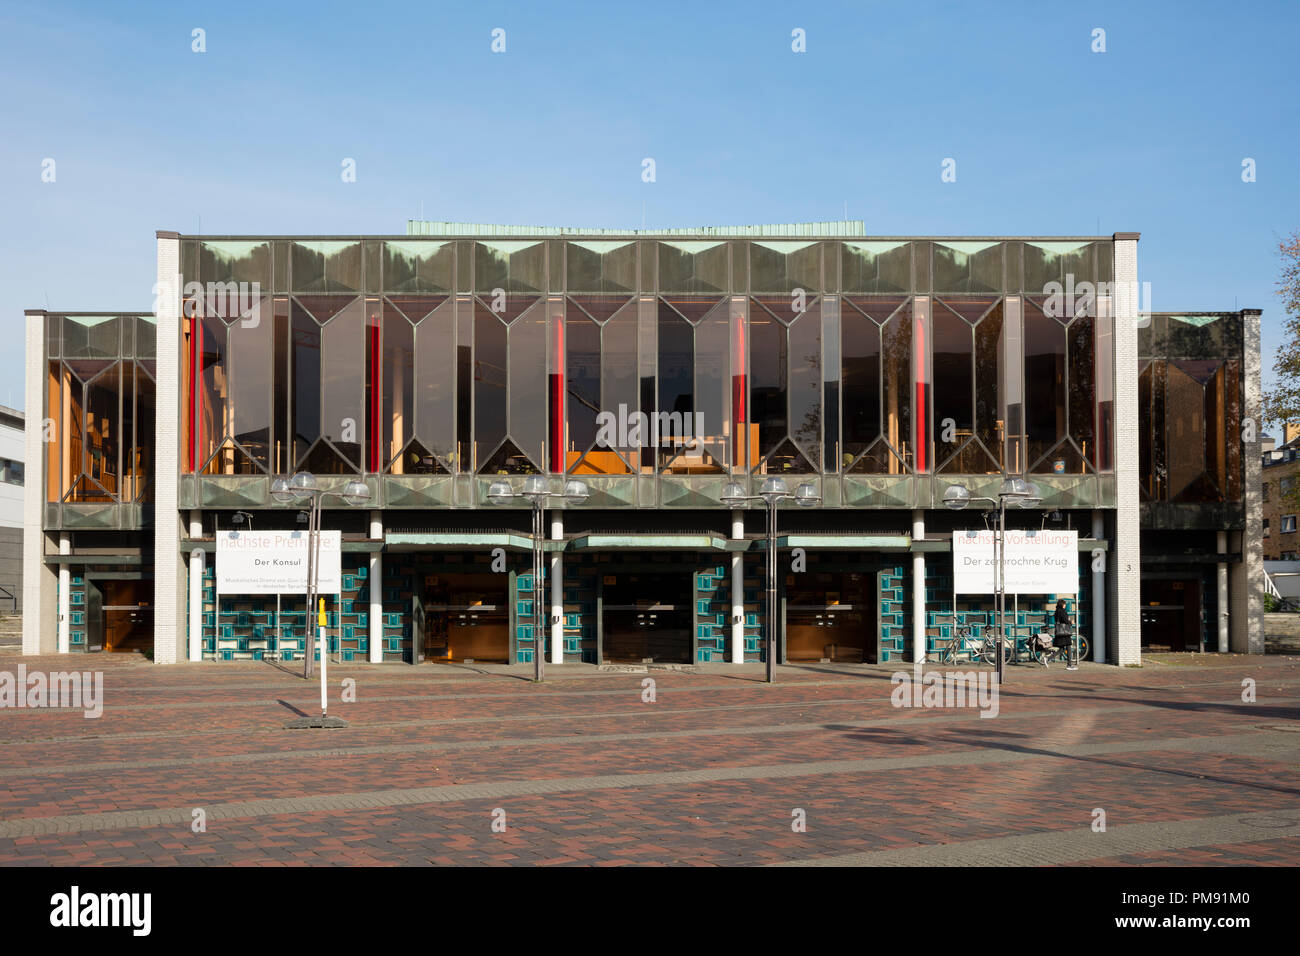 Theatre, Krefeld, Niederrhein, North Rhine-Westphalia, Germany, Europe - Stock Image